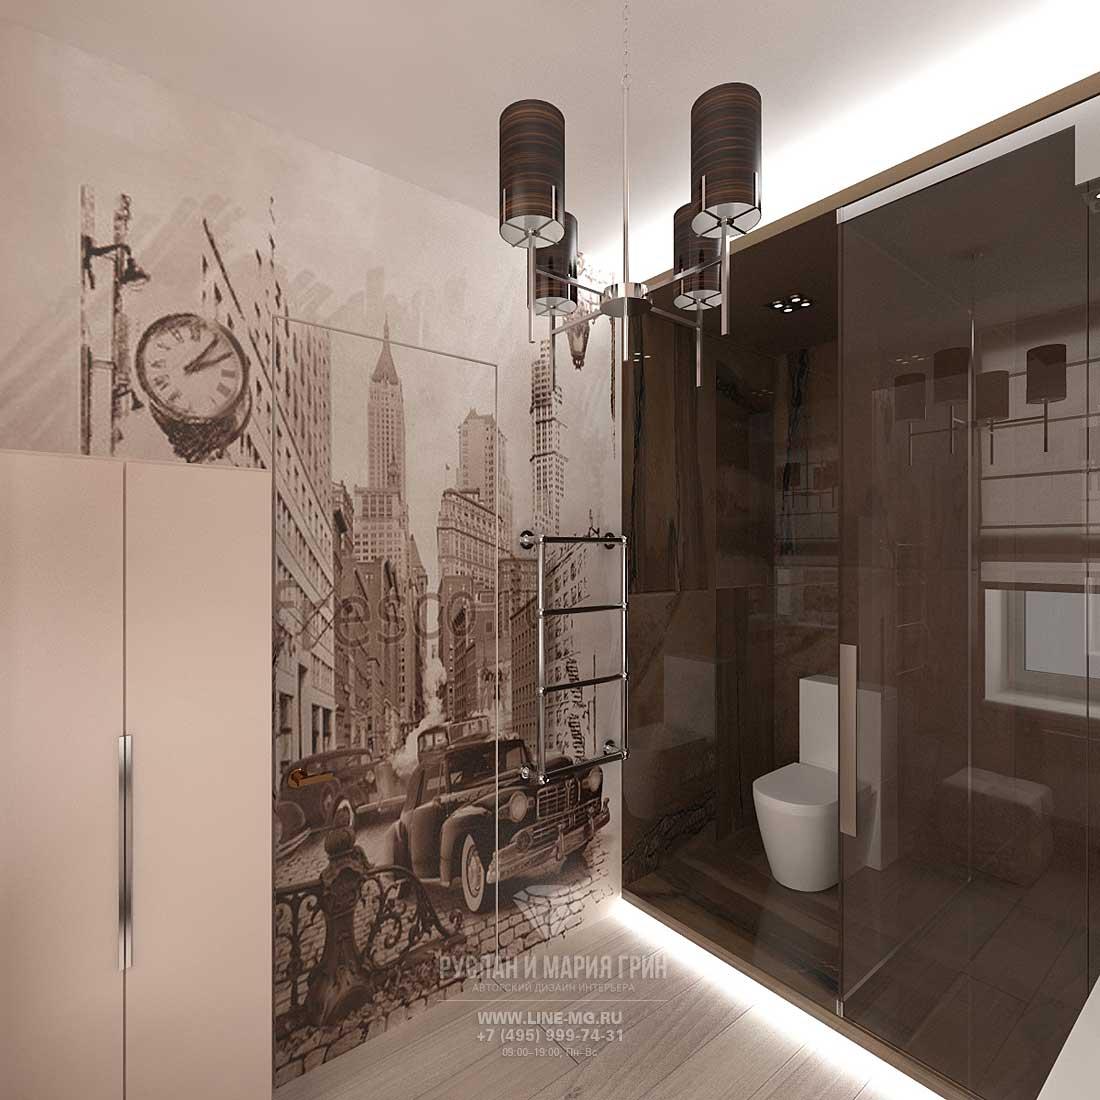 схема подключения встроенных светильников для потолков